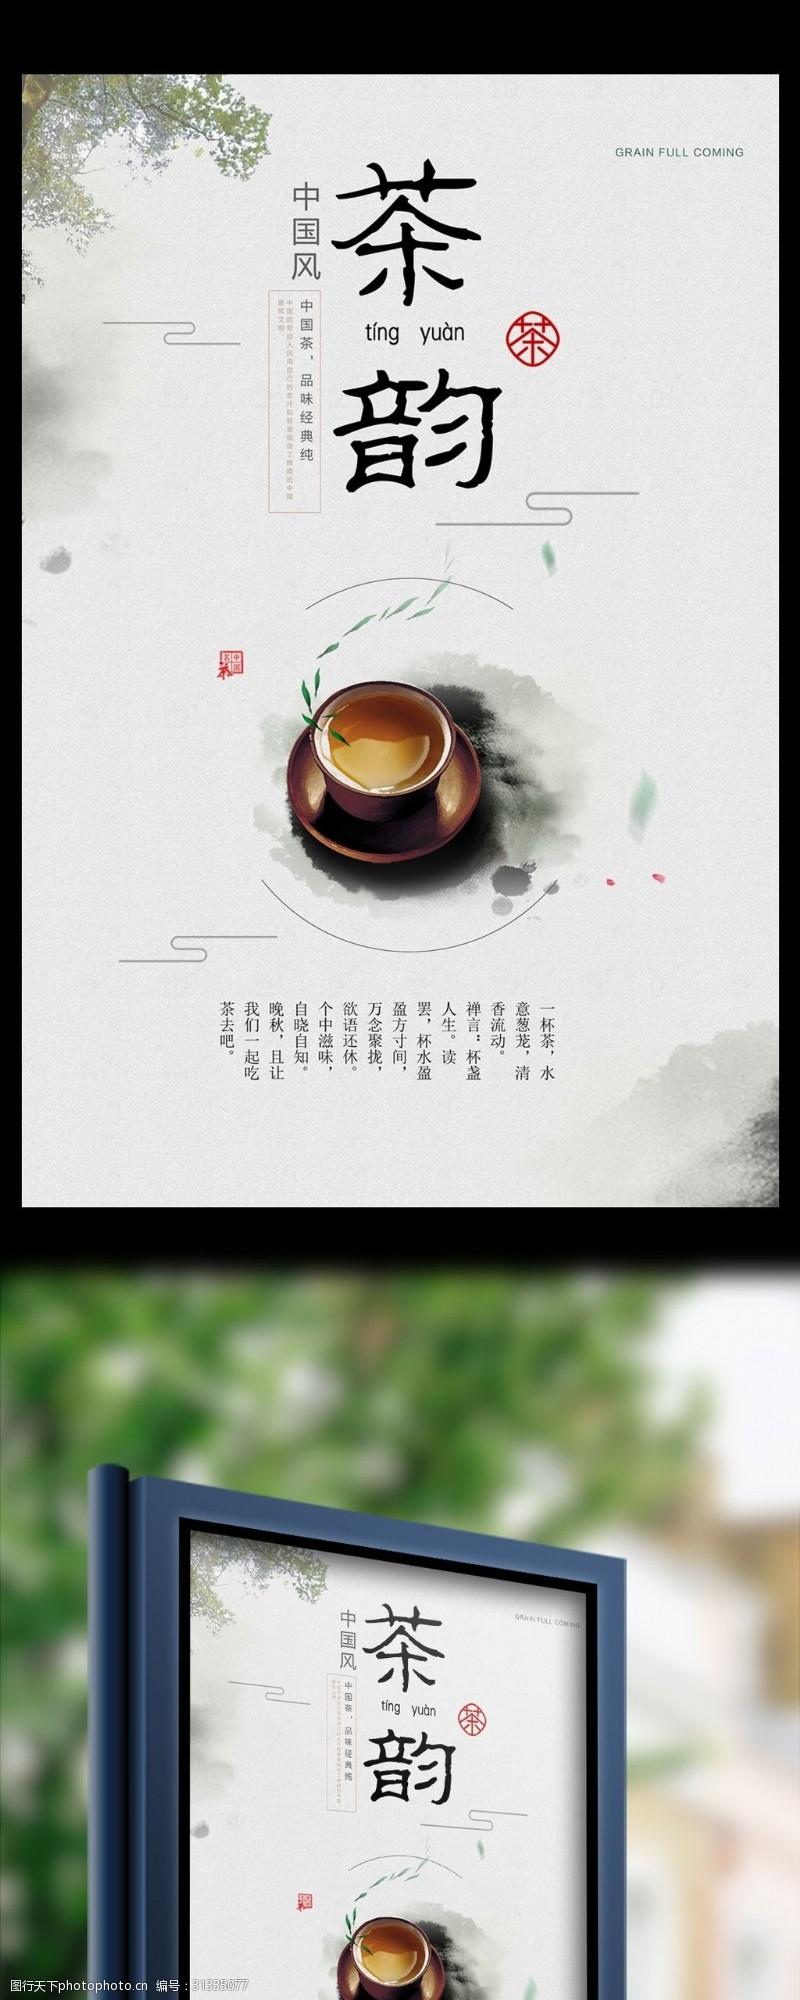 以茶会友茶韵简洁餐饮海报